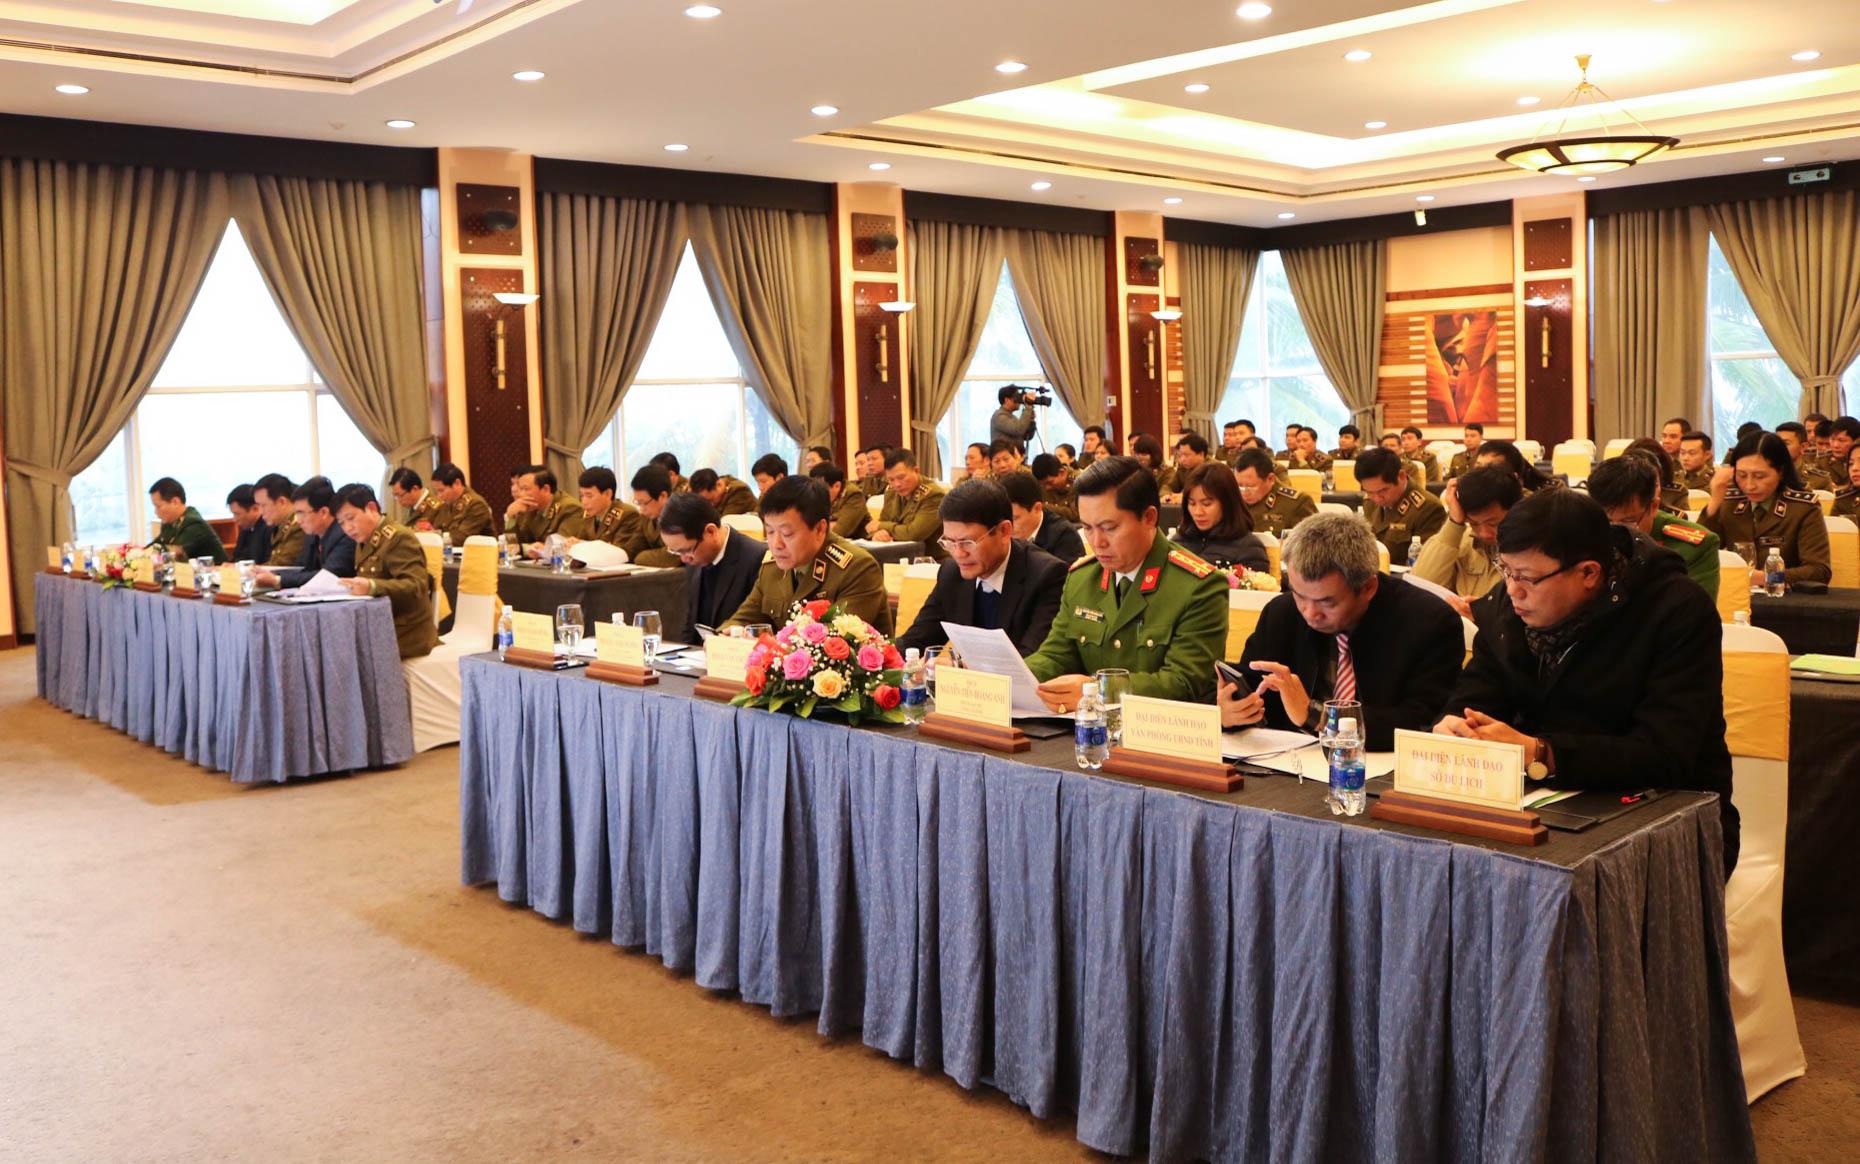 Cục QLTT Quảng Bình tổ chức Hội nghị triển khai công tác quản lý thị trường năm 2021